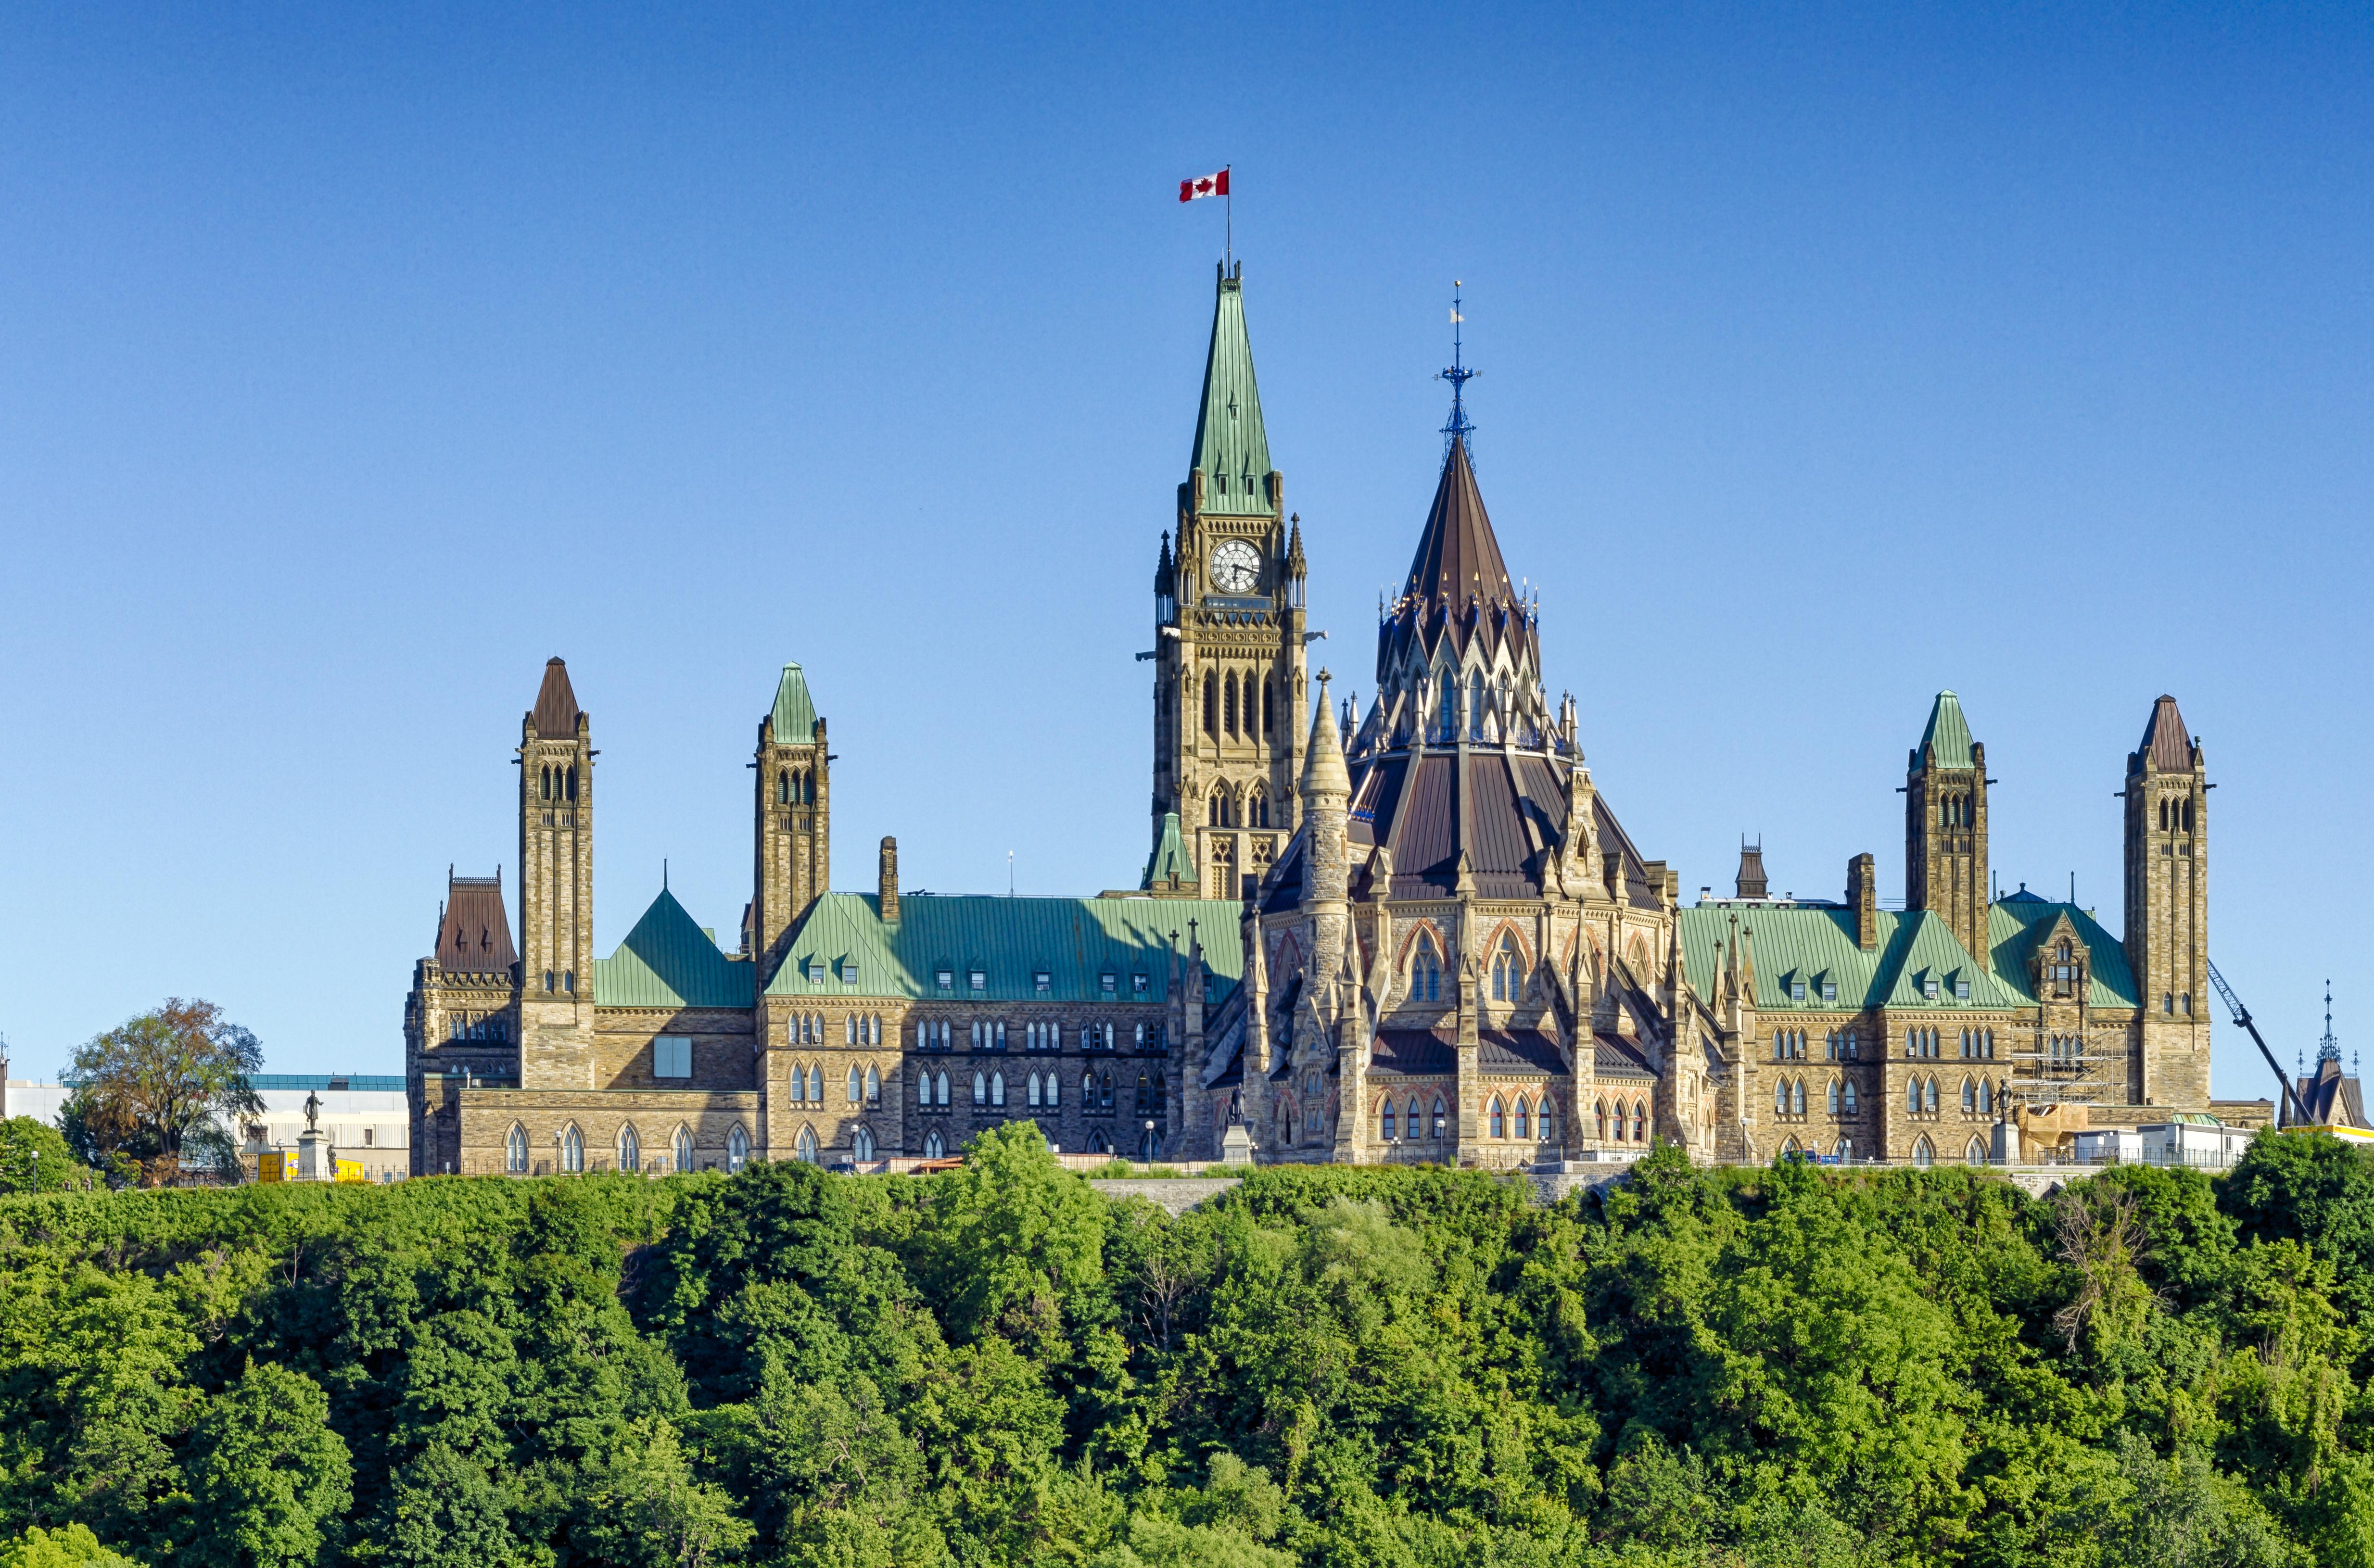 Ontario Entrepreneur stream issues 26 Invitation